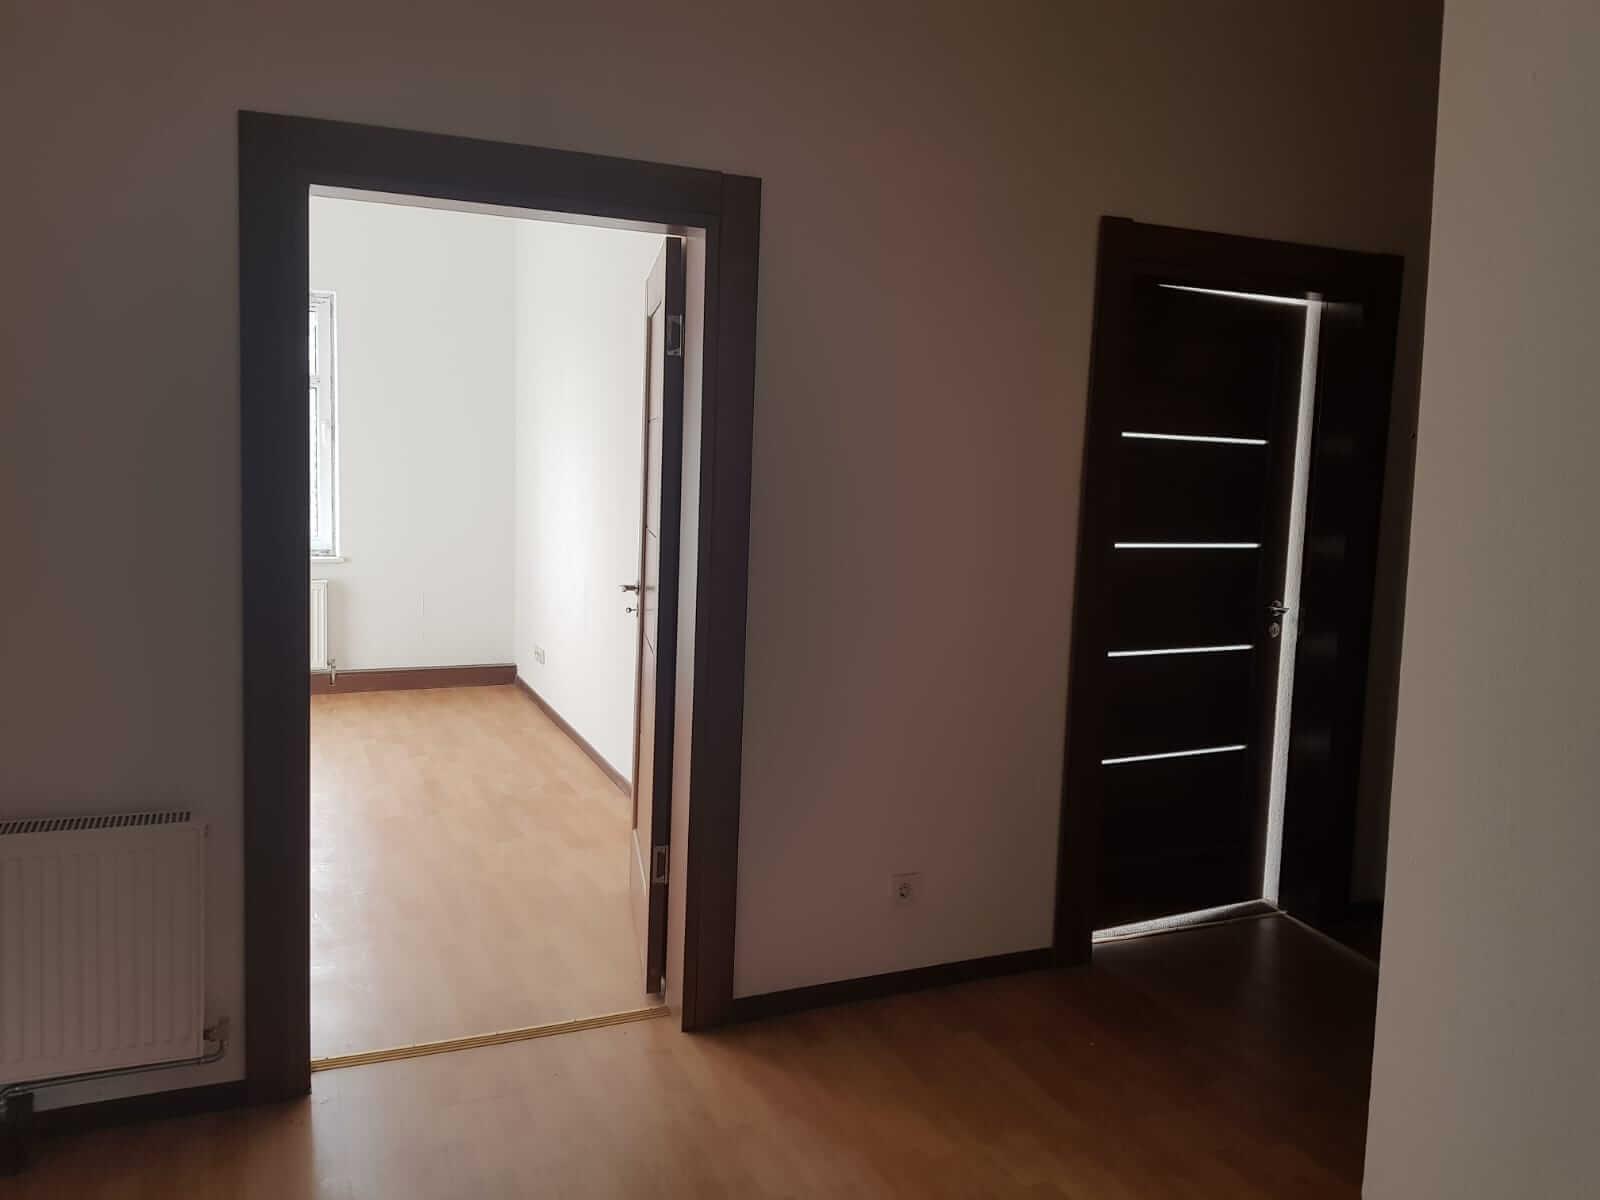 Predané: Kompletne zrekonštruovaný bytový dom, v Nemecku, na investíciu s nájomcami-13